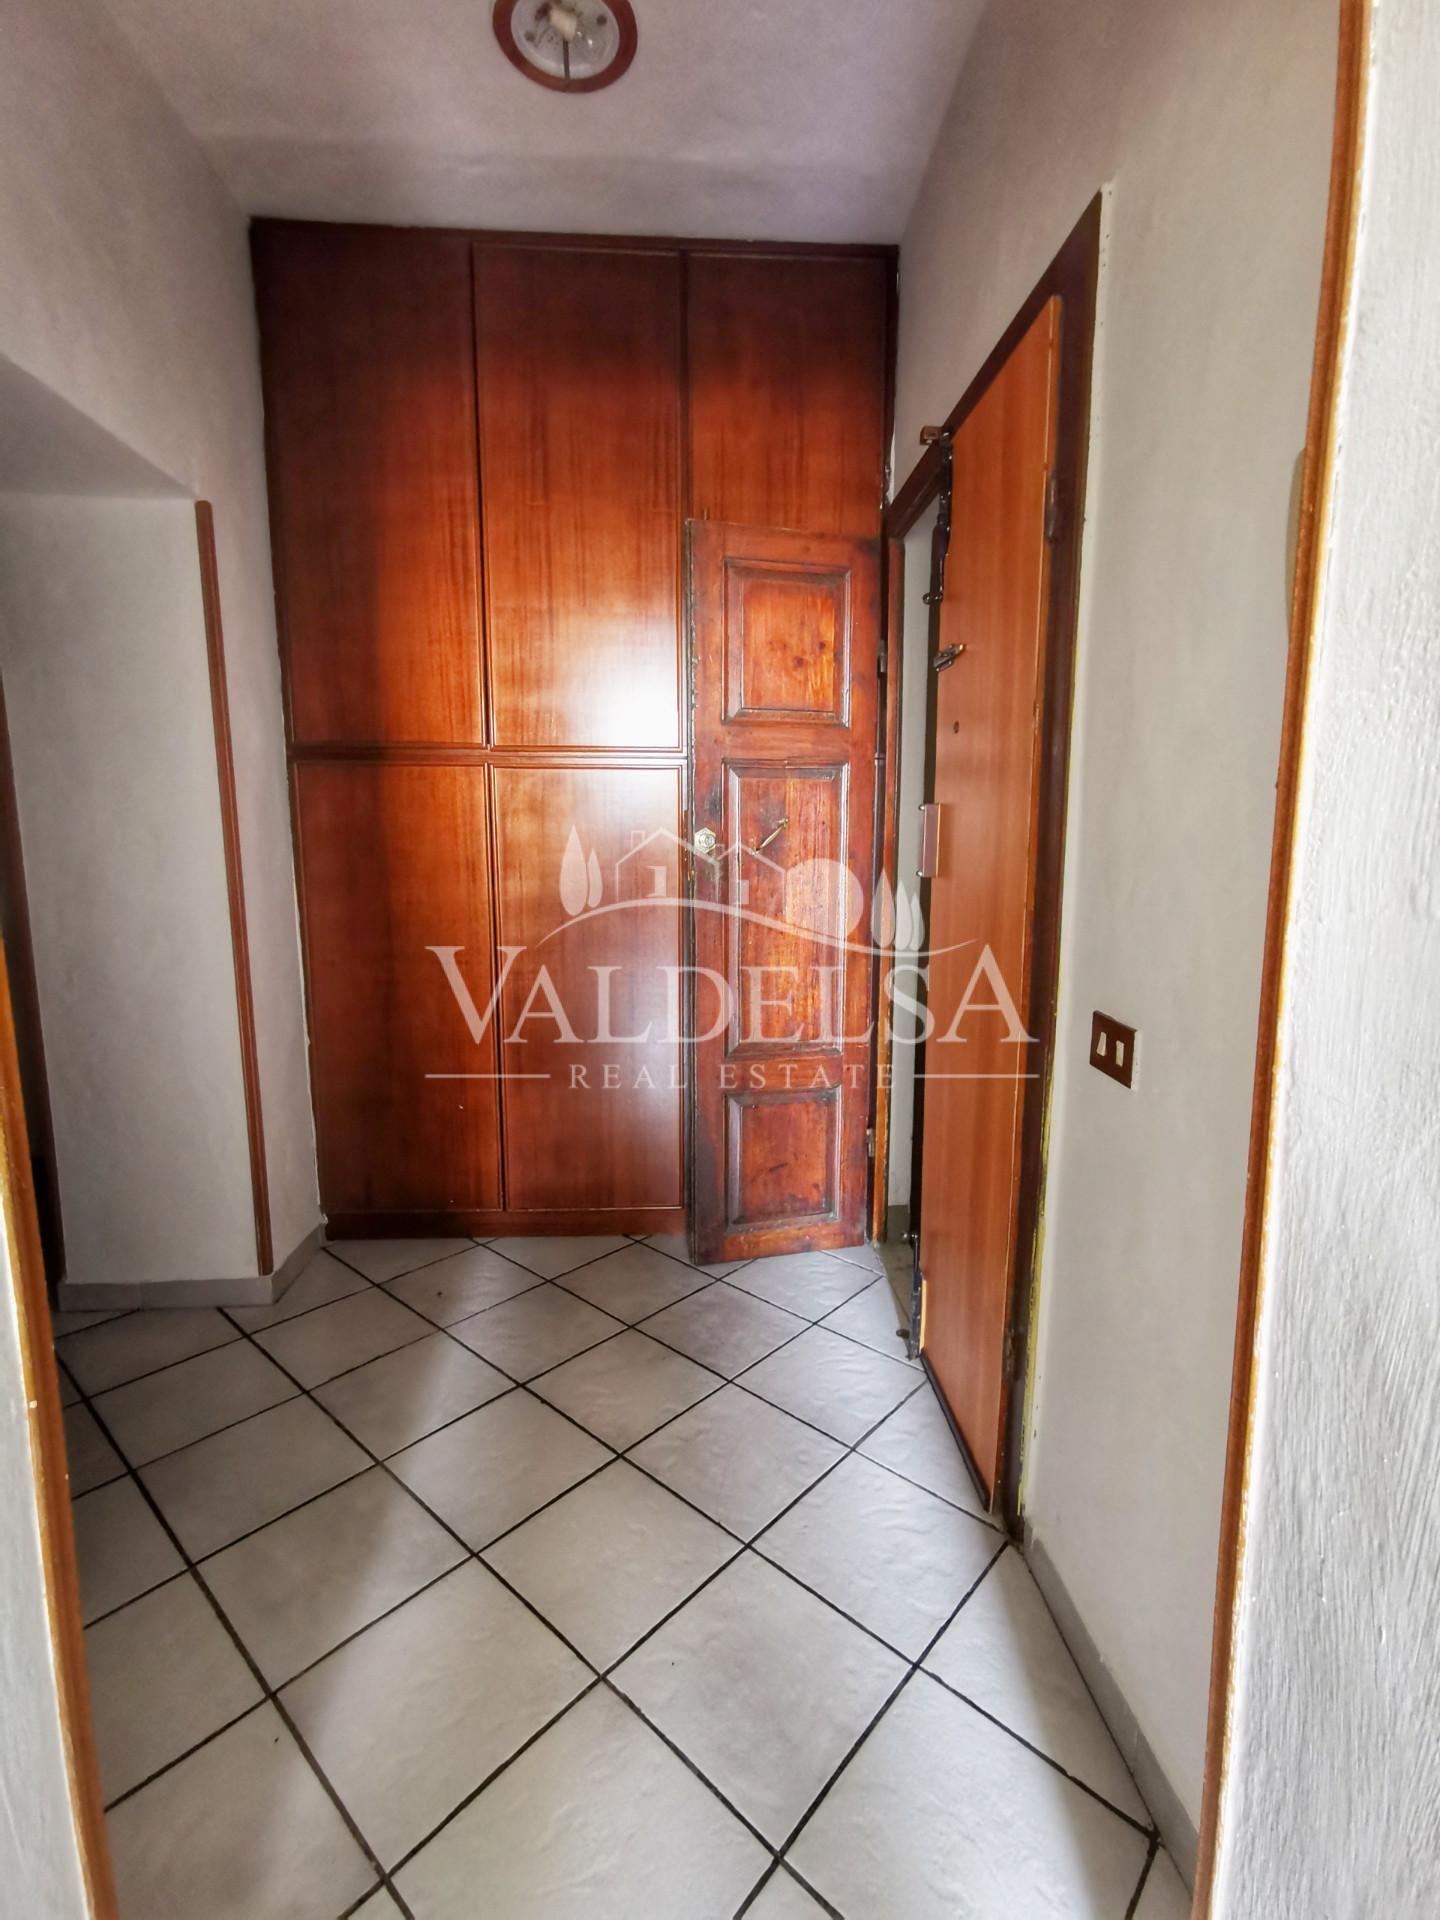 Appartamento in vendita, rif. 658